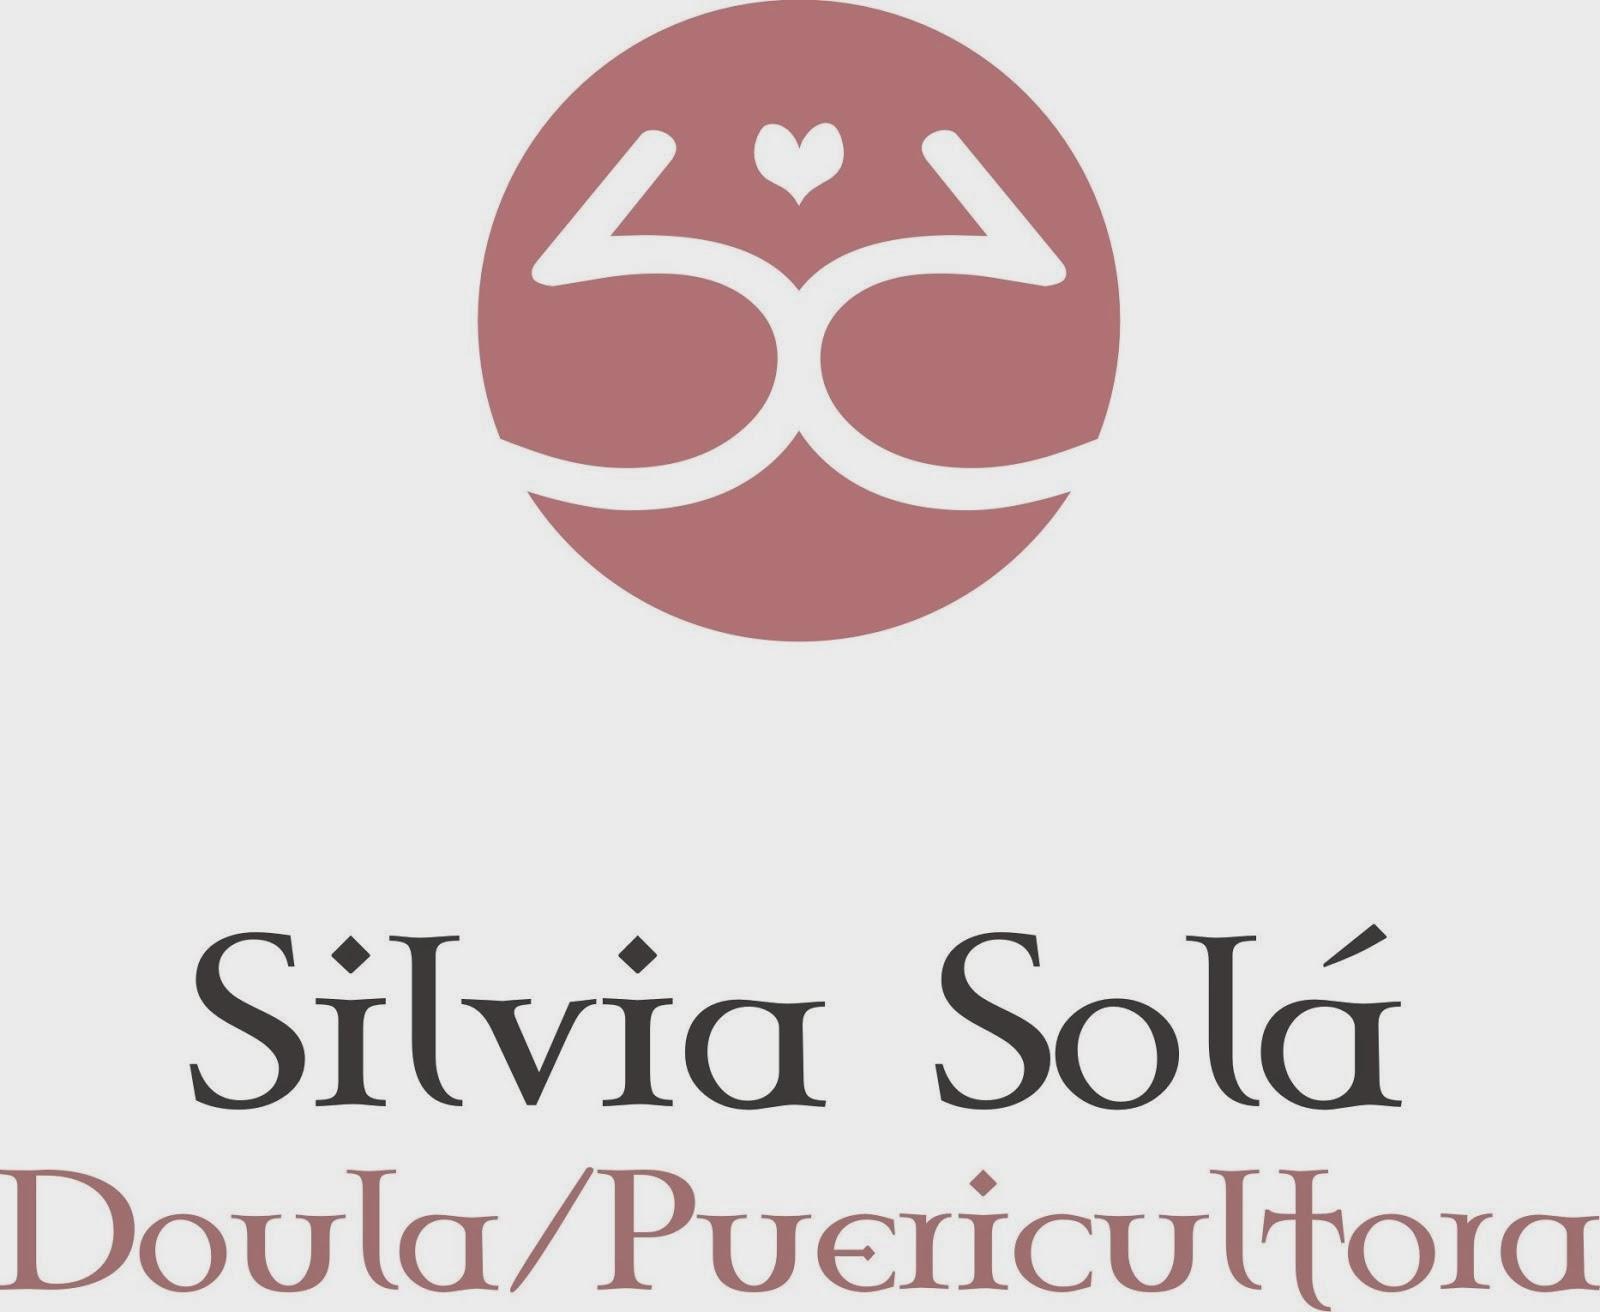 Silvia Solá